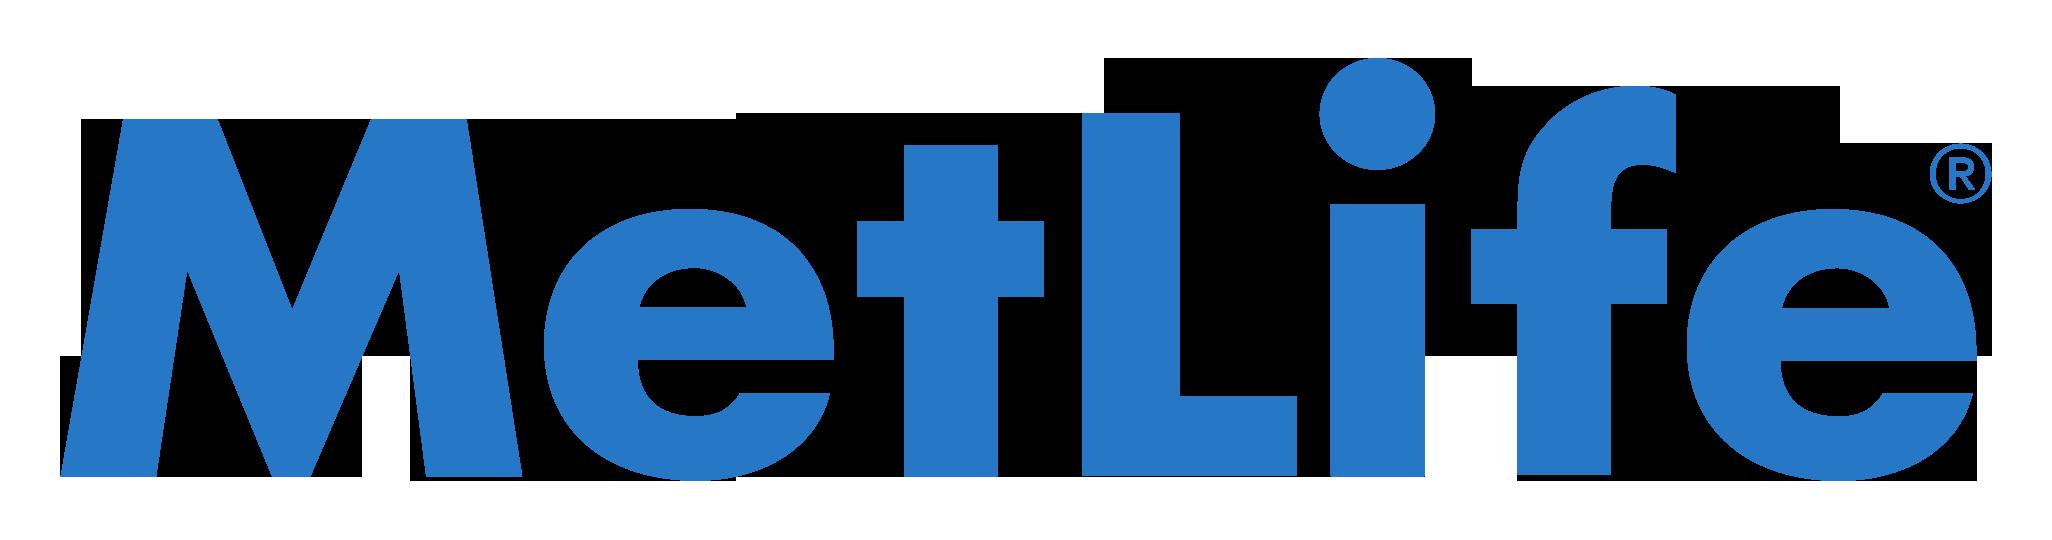 Metlife Large